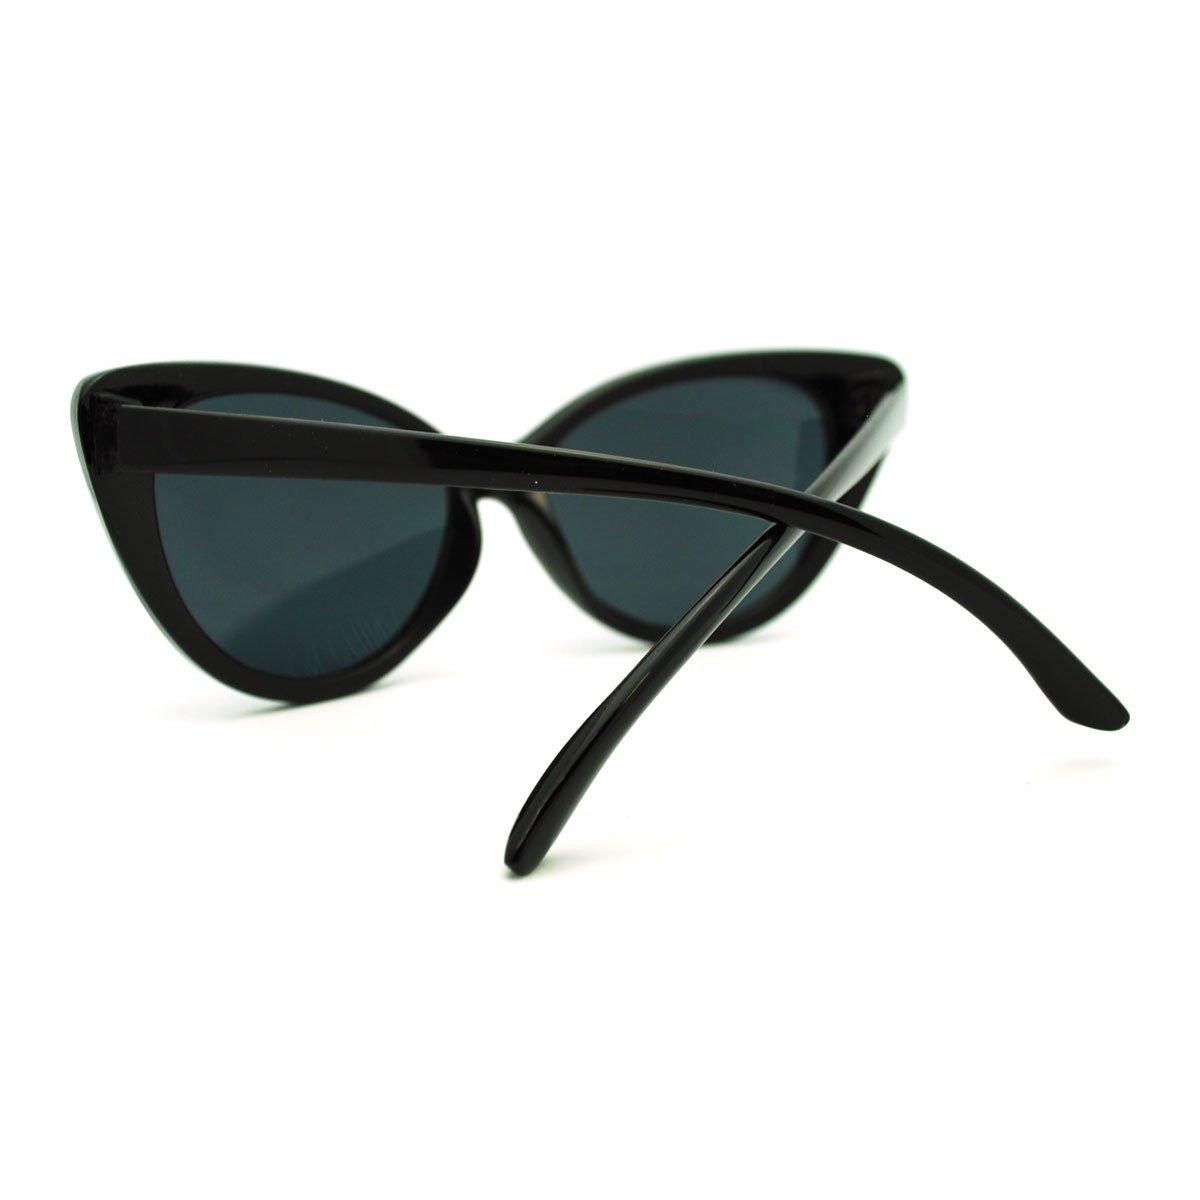 24d71b28a Amazon.com: 50's Women's OG Classic Cat Eye Sunglasses - Black: Clothing